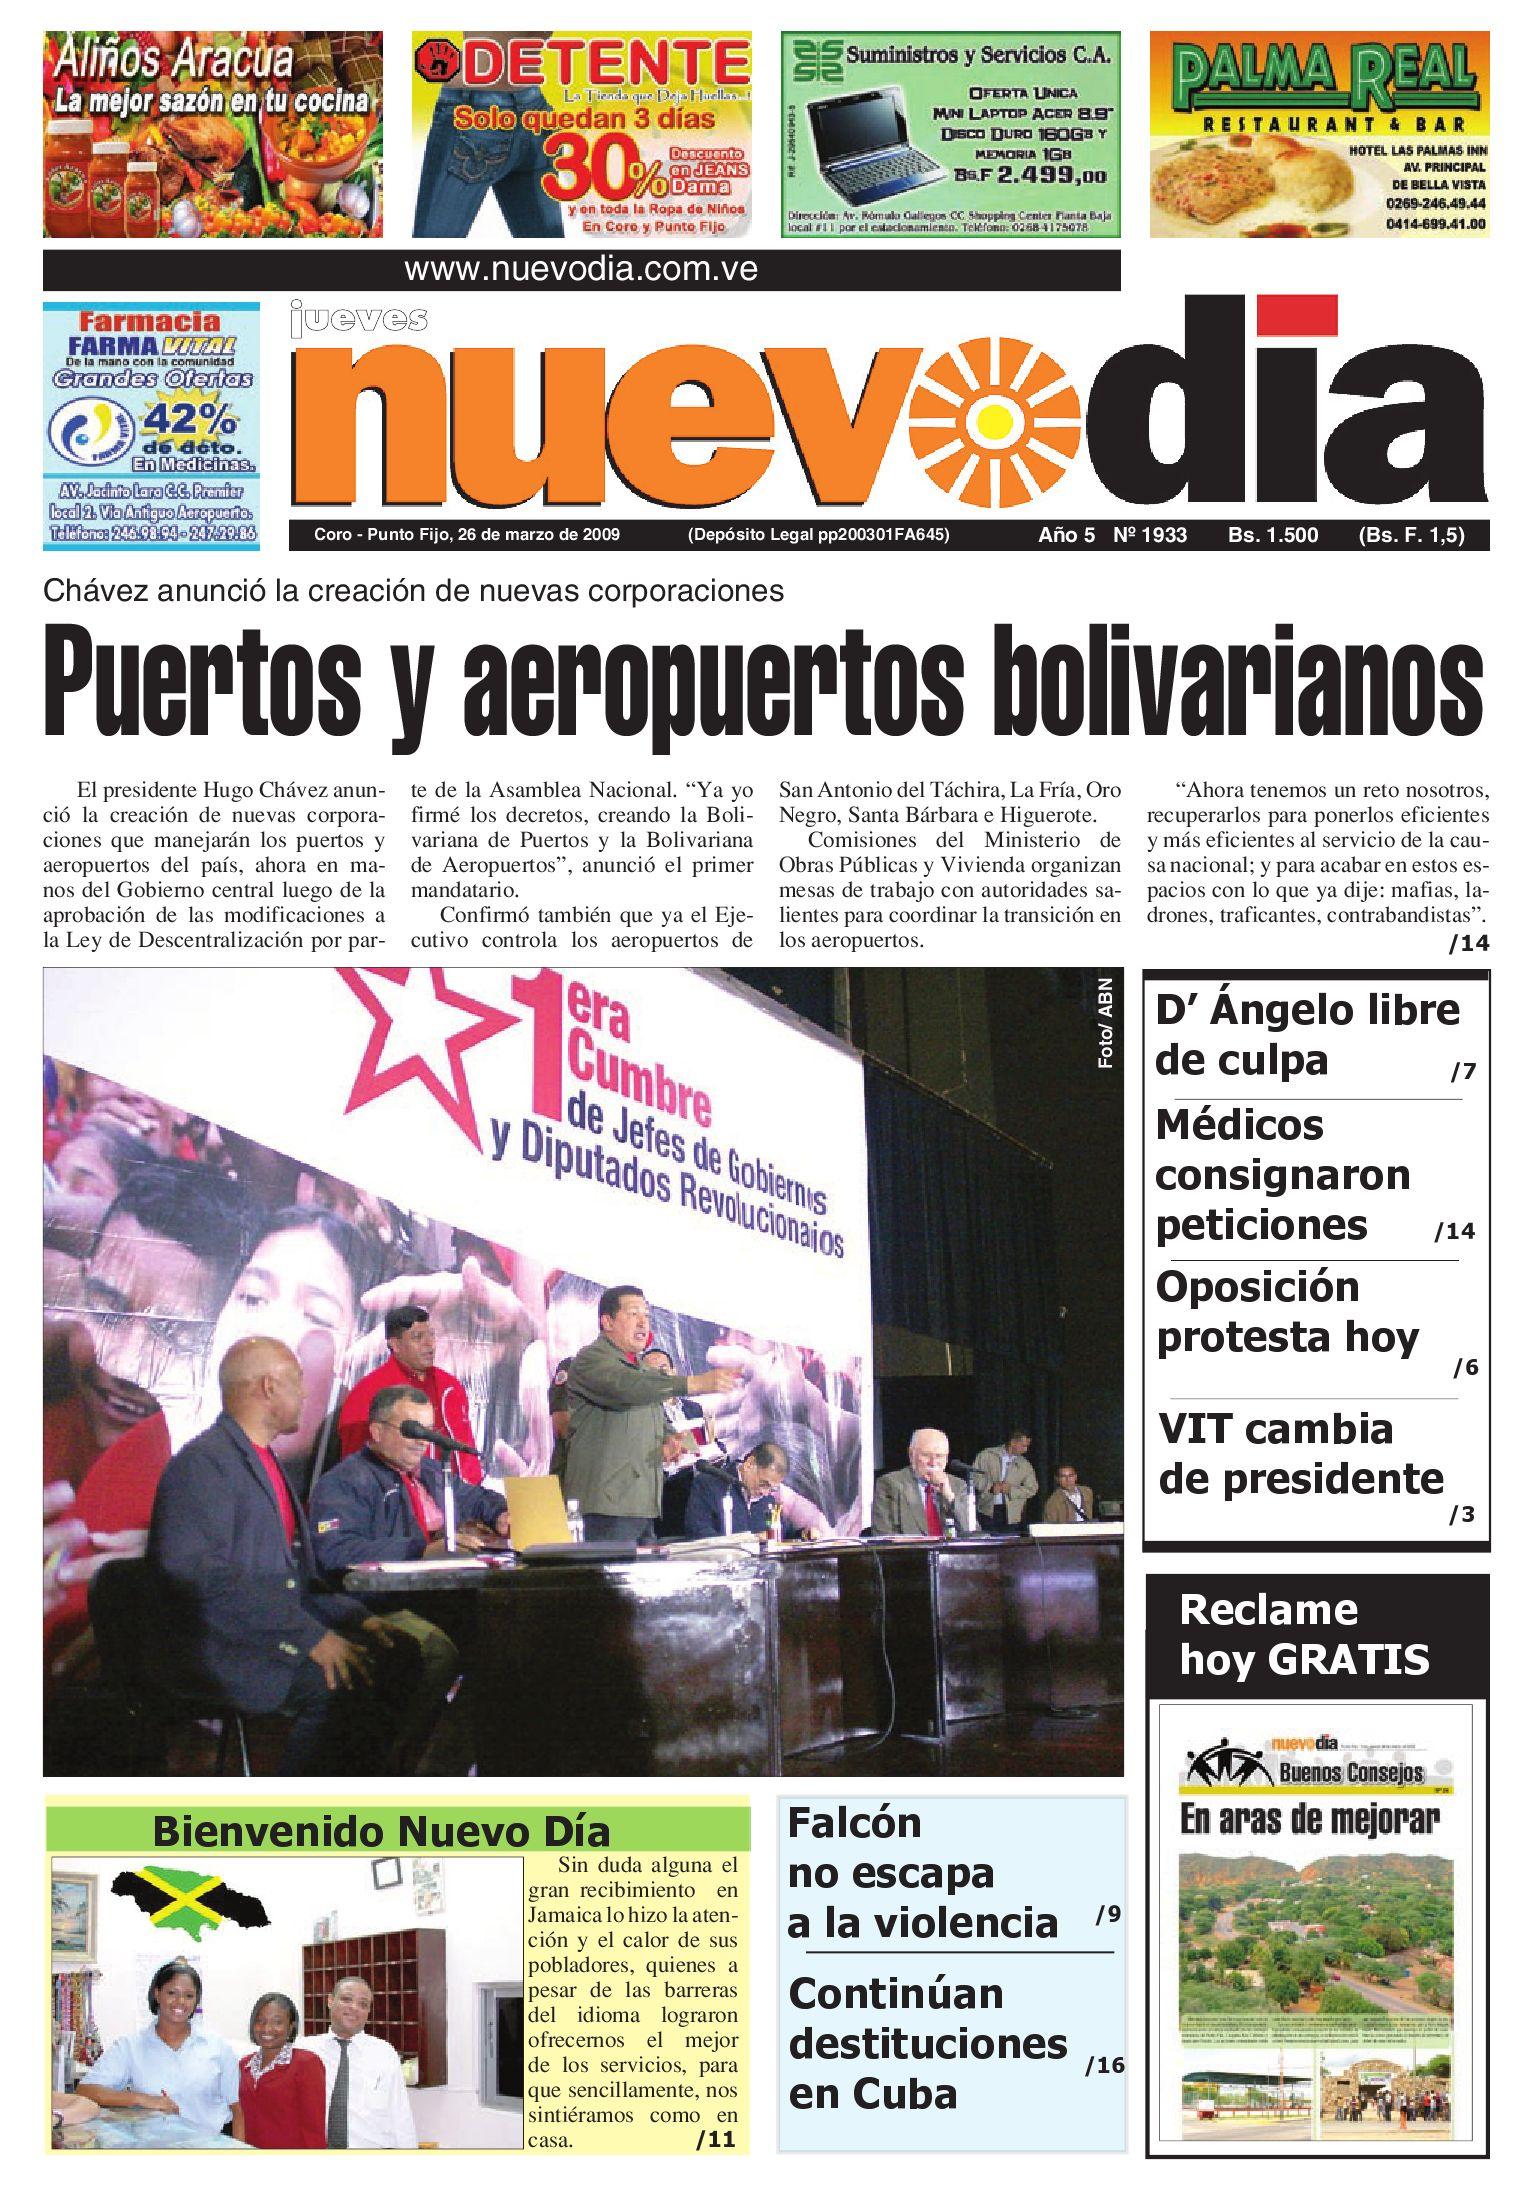 Diario Nuevodia Jueves 26-03-2009 by Diario Nuevo Día - issuu